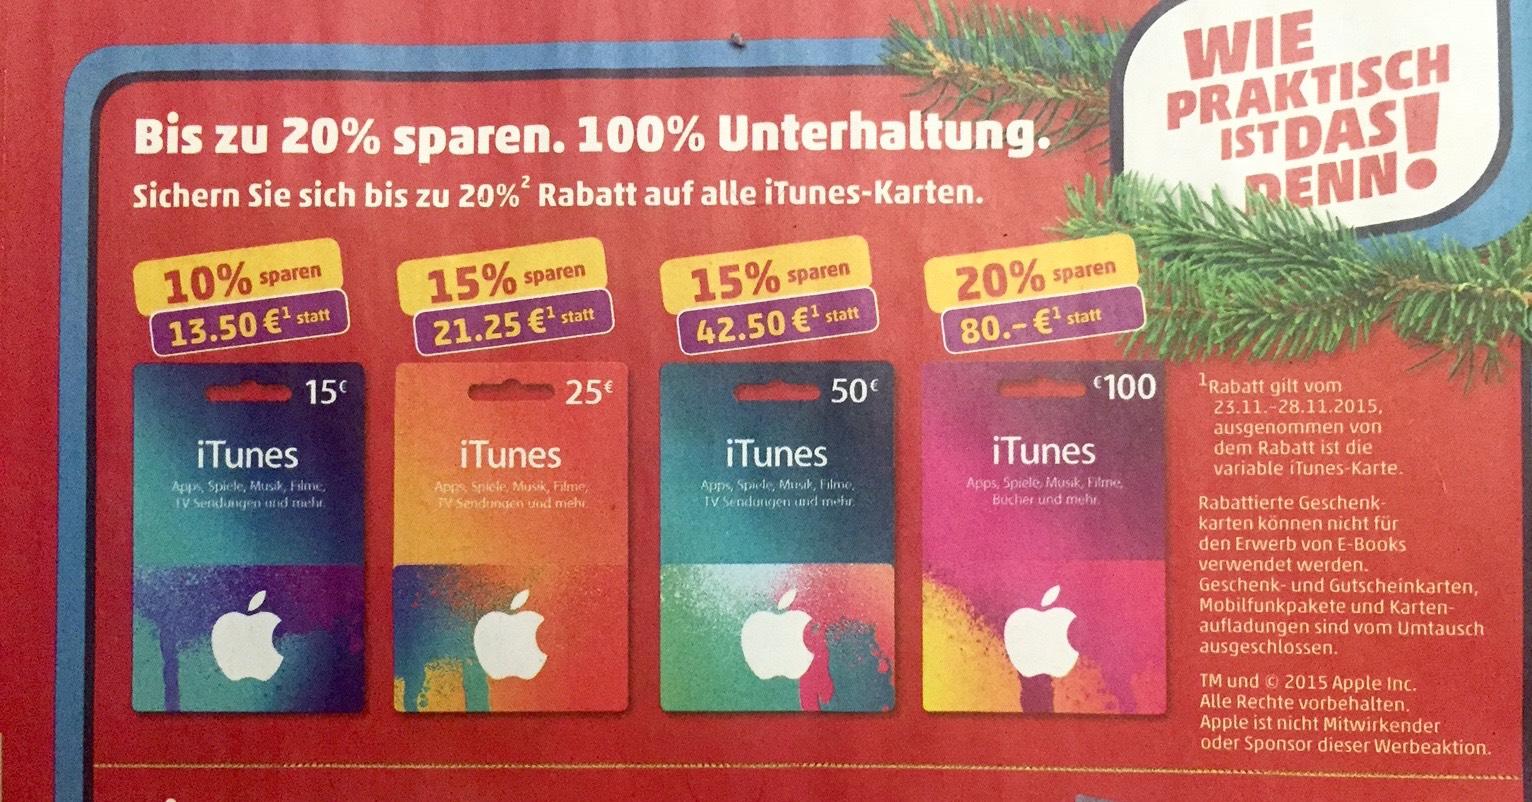 itunes karte rabatt iTunes Karten mit Rabatt im November 2015